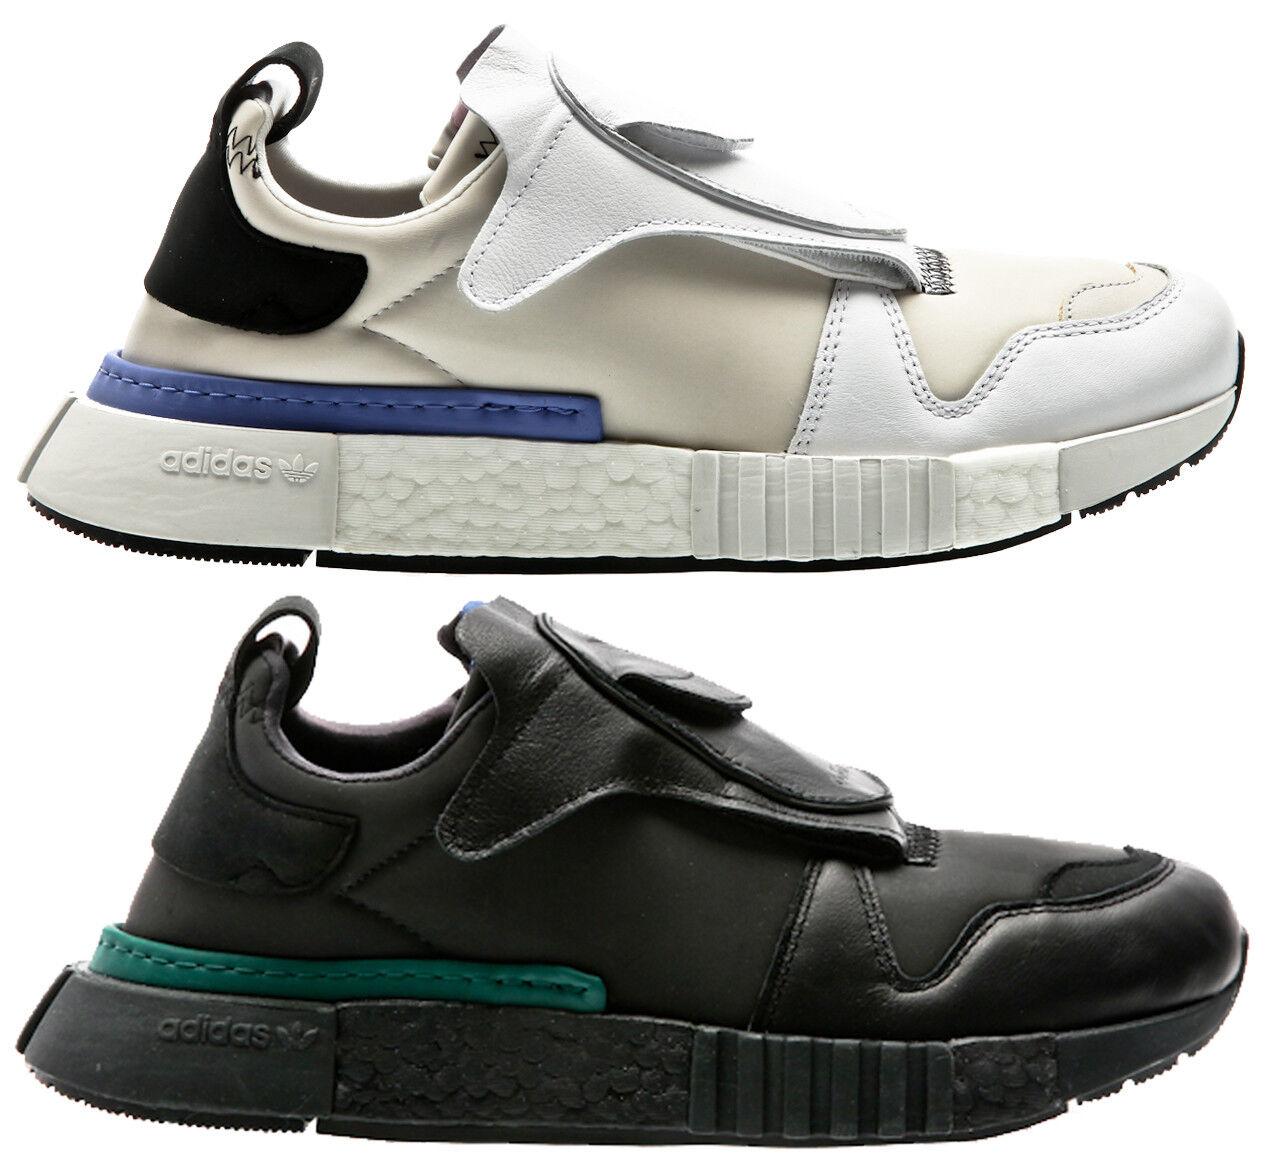 Adidas Originals Futurepacer Uomo scarpe da ginnastica Uomo Corsa Scarpe   economia    Uomini/Donna Scarpa